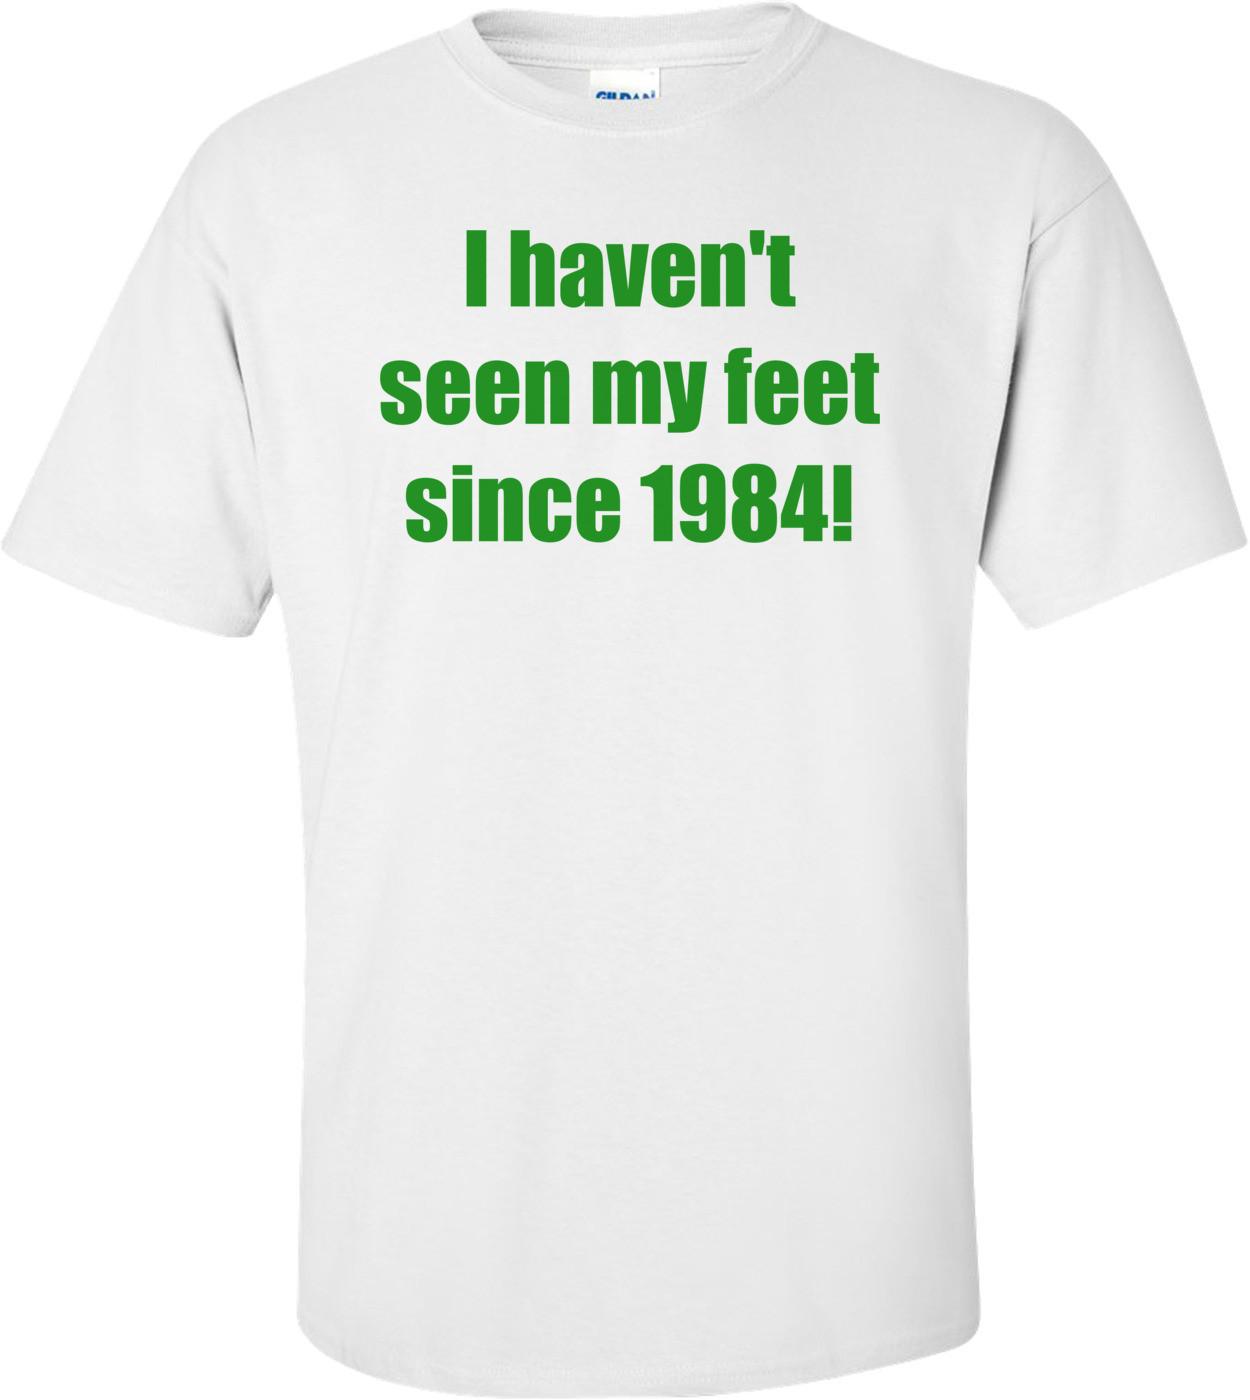 I haven't seen my feet since 1984! Shirt